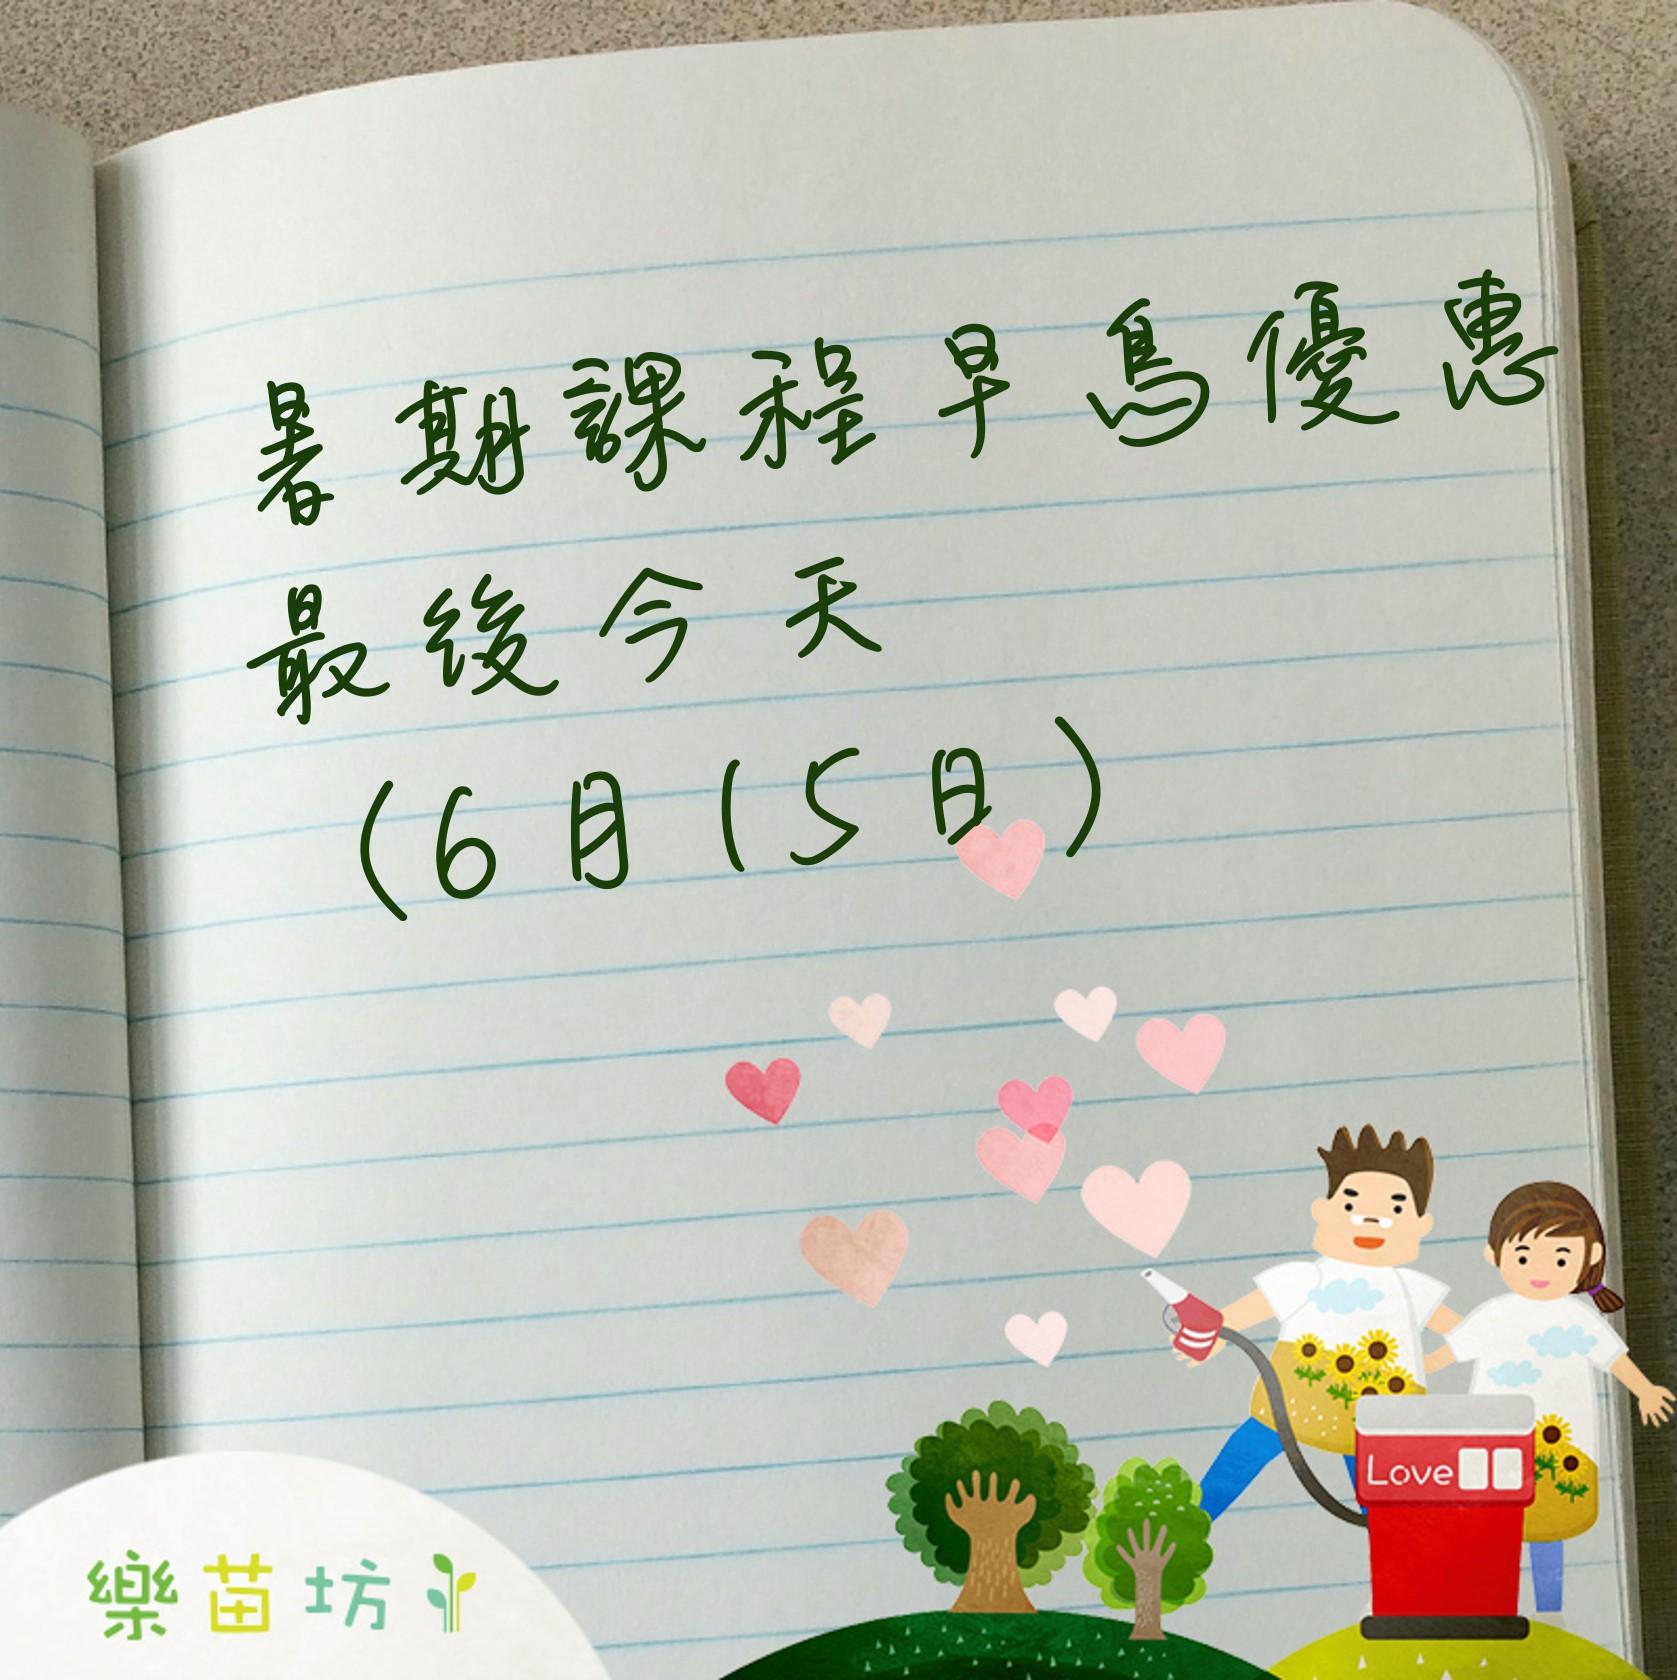 樂苗坊暑期「兒童成長小組」👉https://bit.ly/2ZQGpZK 及「言語治療訓練小組」👉https://bit